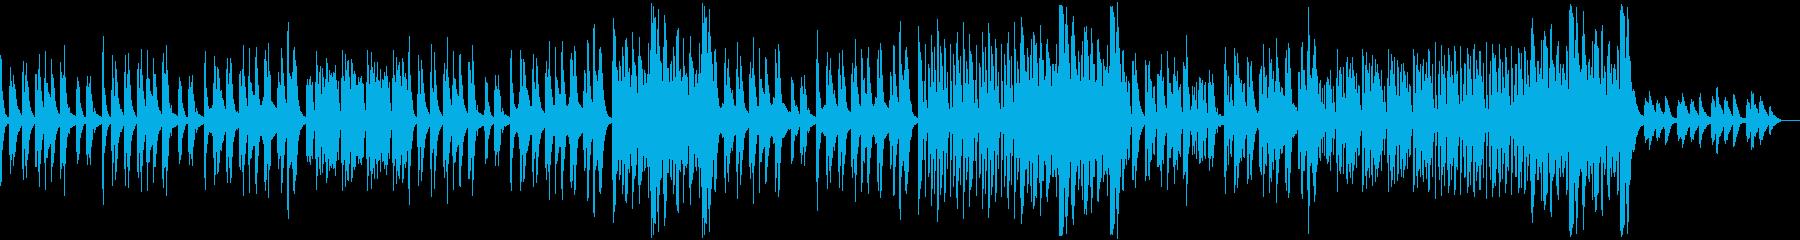 怪しくコミカルなハロウィンBGMの再生済みの波形